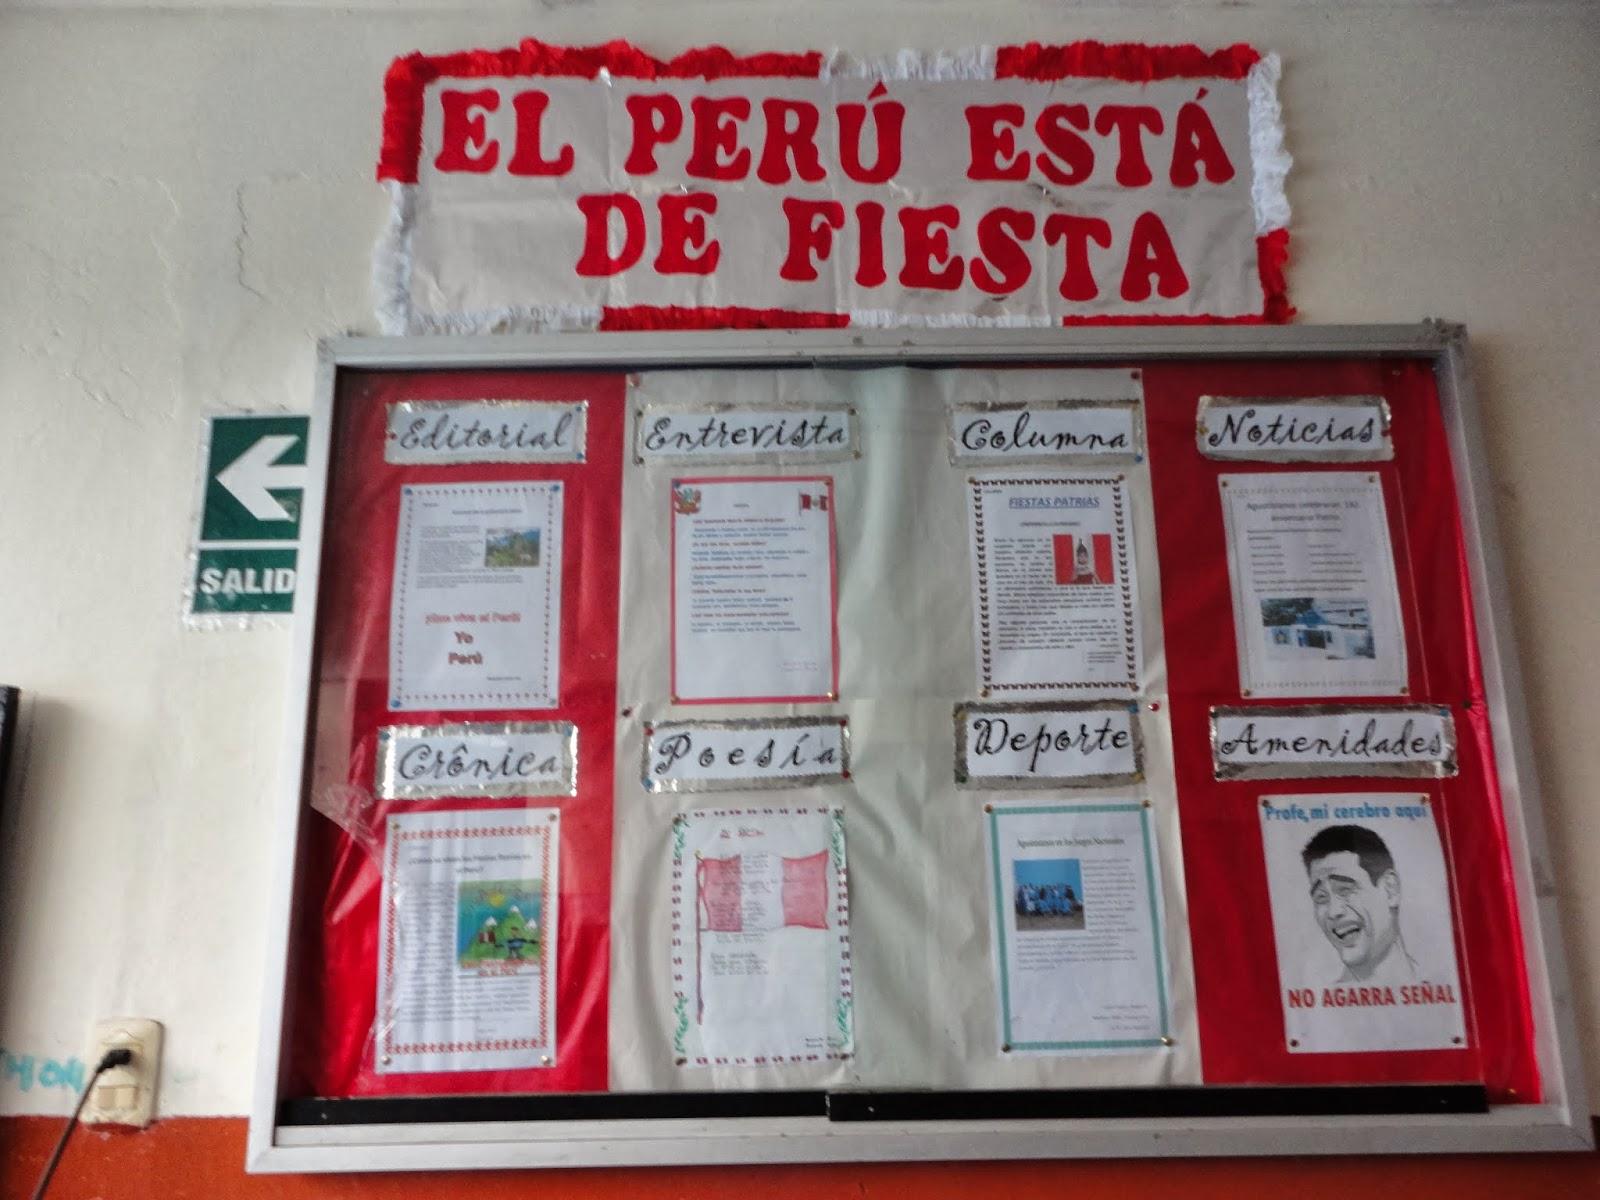 Nuestros peri dicos murales y paneles julio 2012 for Diario mural fiestas patrias chile